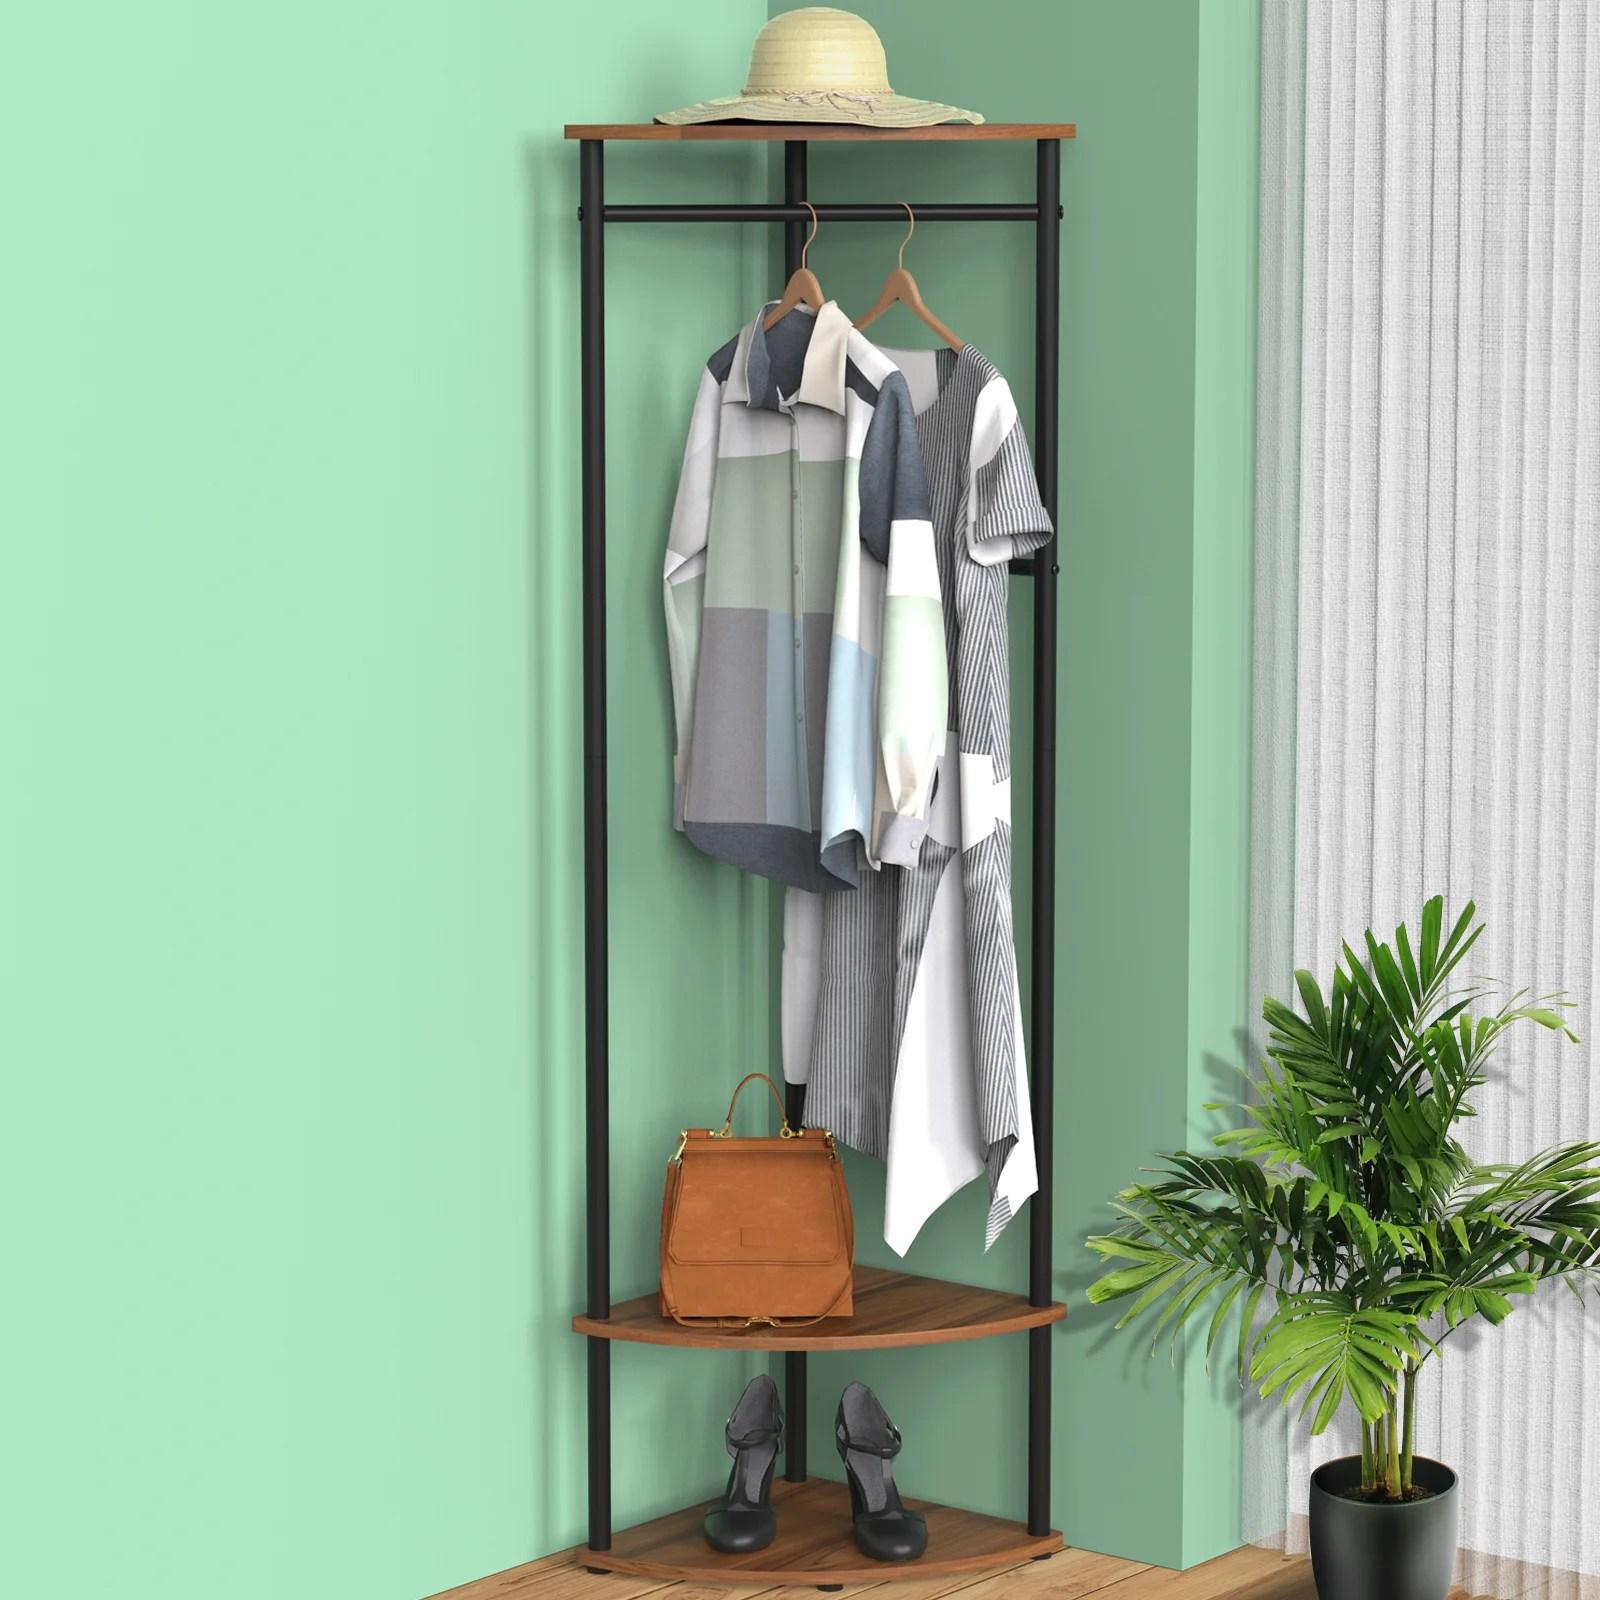 cumings 4 hook freestanding coat rack storage in brown black